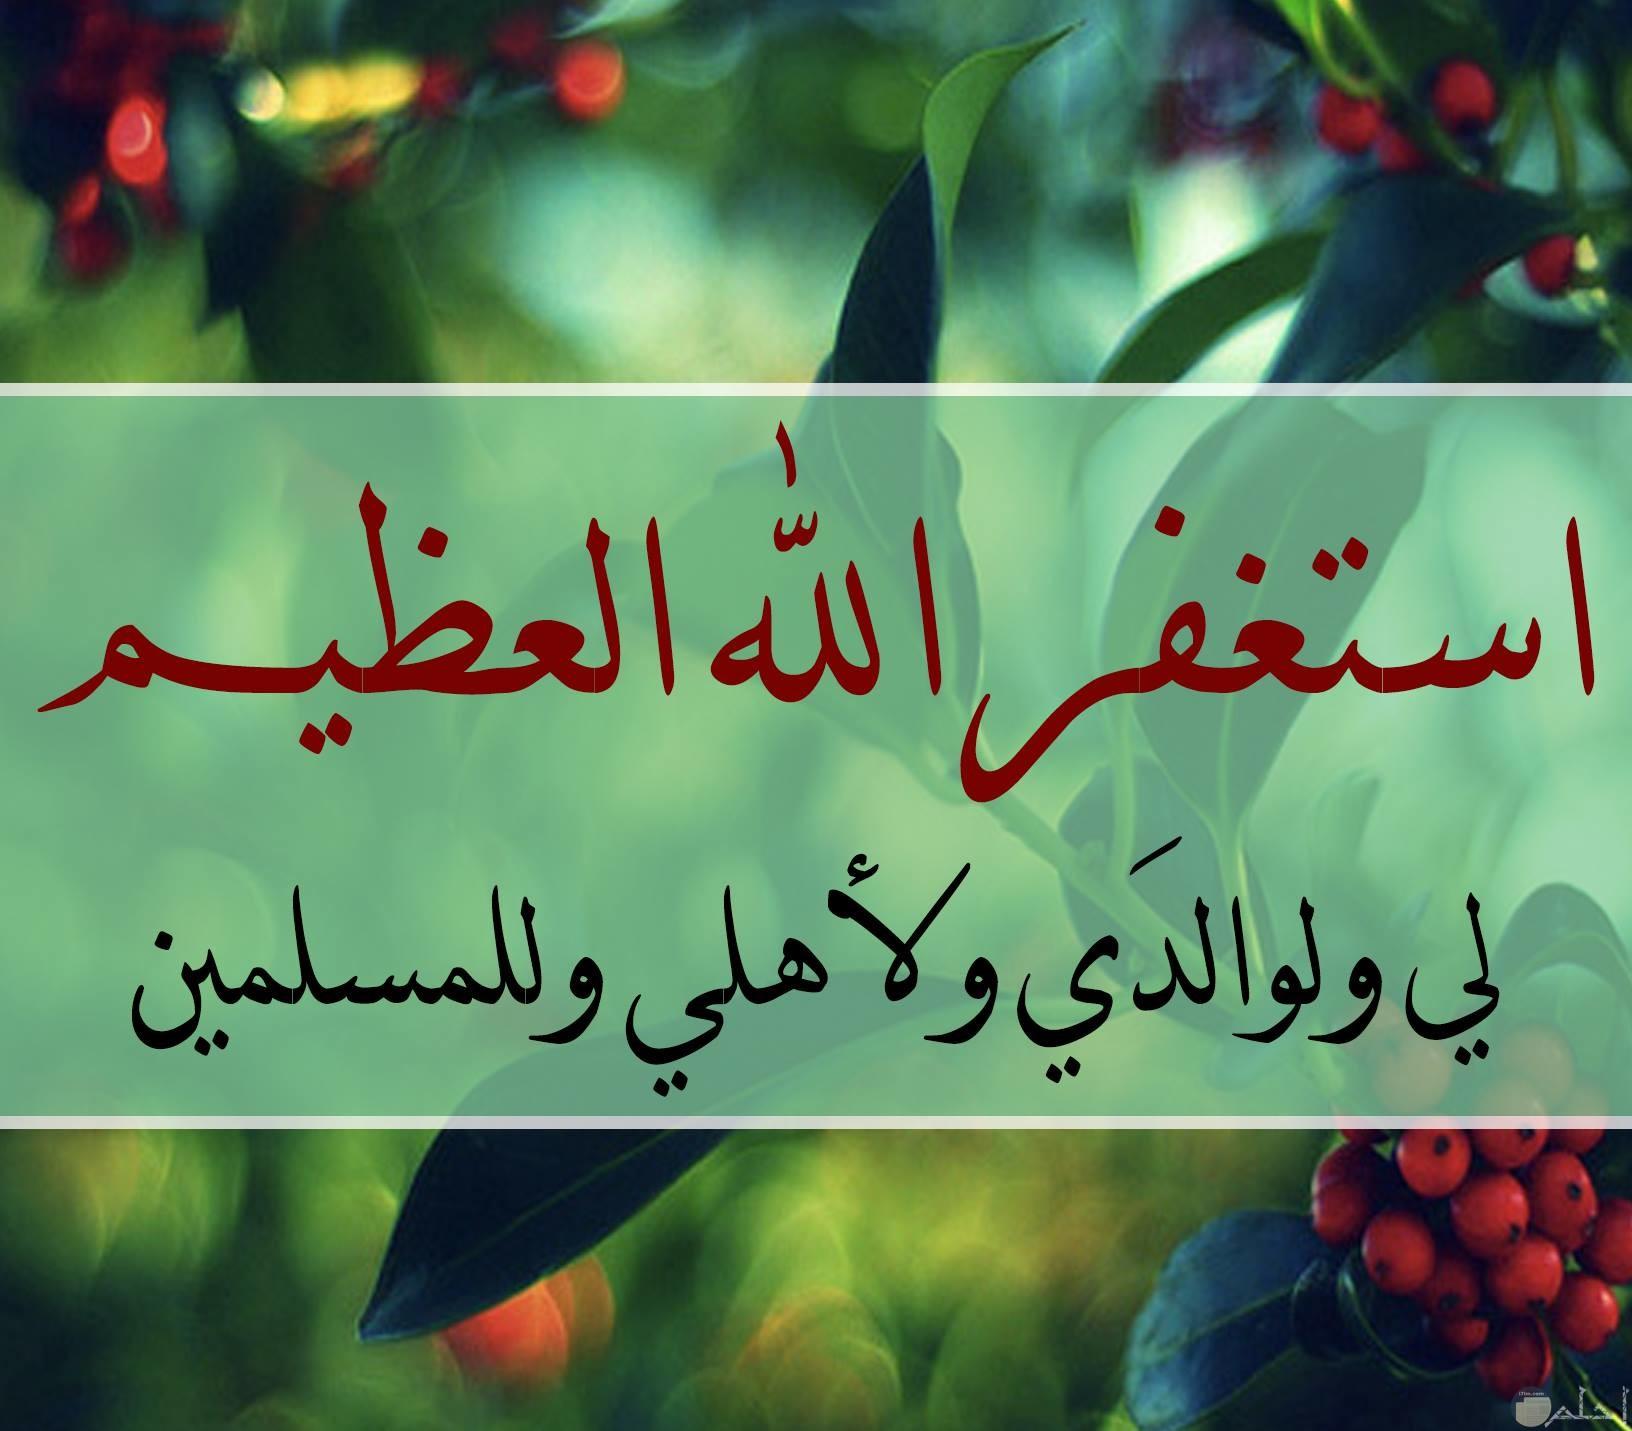 استغفر الله العظيم لي و لوالدي و لأهلي و للمسلمين.